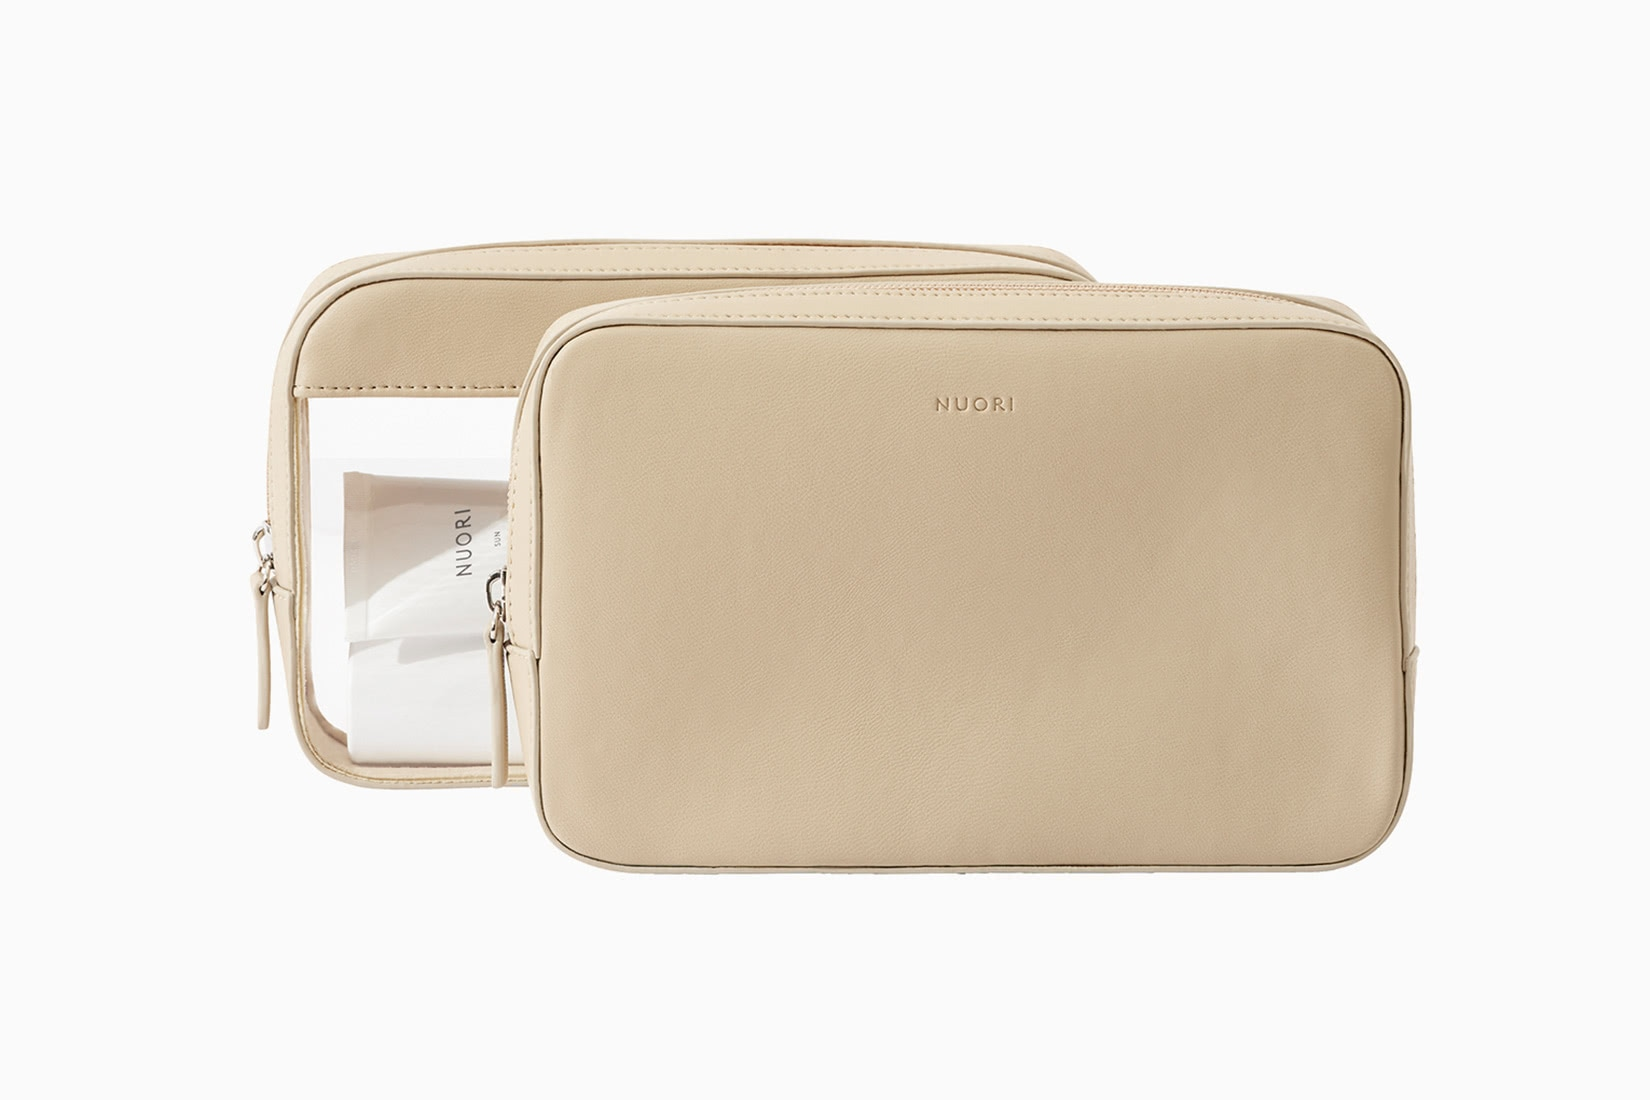 best toiletry bags women nuori travel set luxe digital